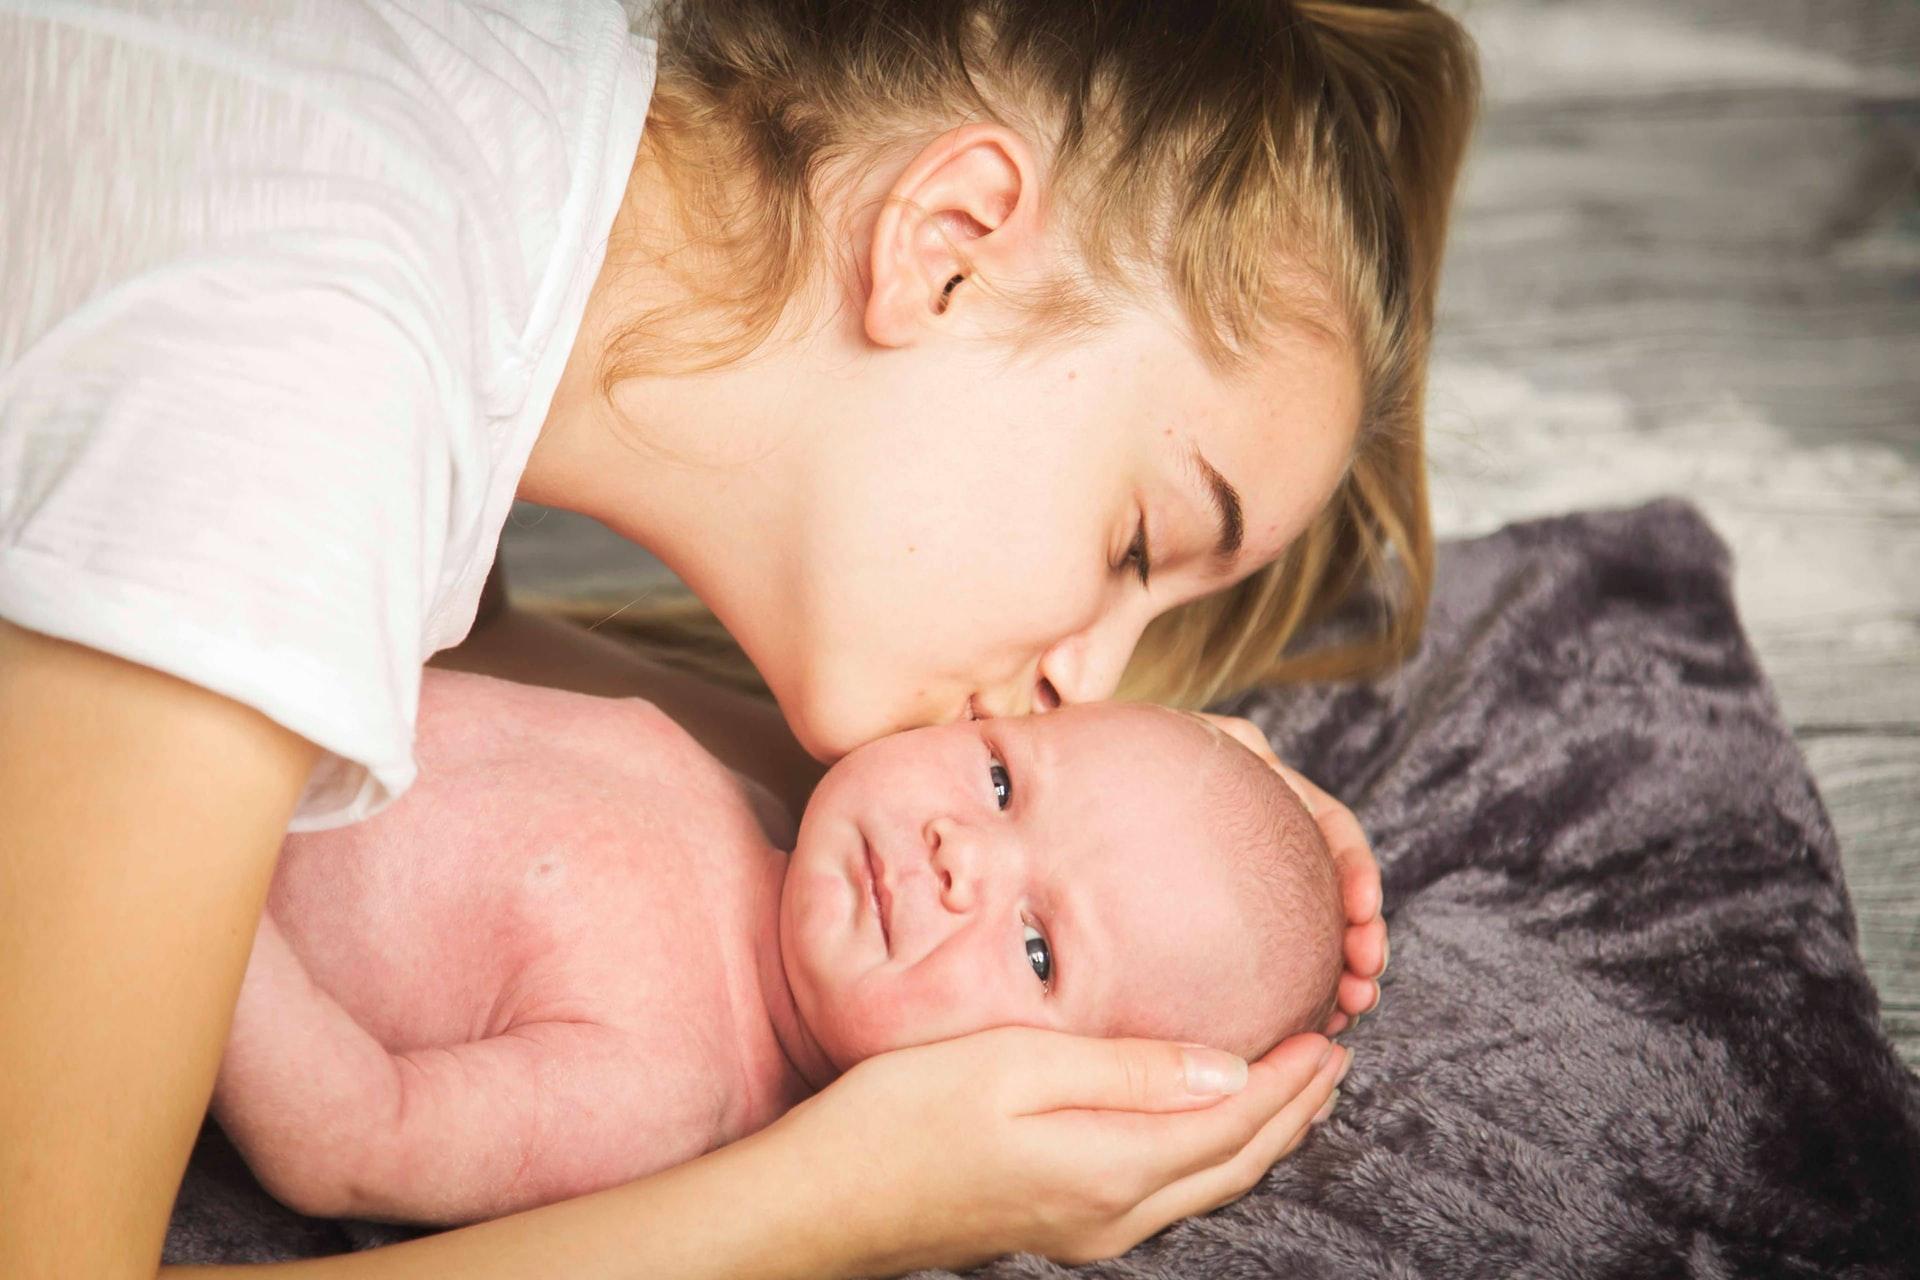 BugetulFamiliei8-Cum-își-cheltuiește-banii-o-familie-de-3-cu-venituri-de-11.000-Ron_mama-cu-nou-născut